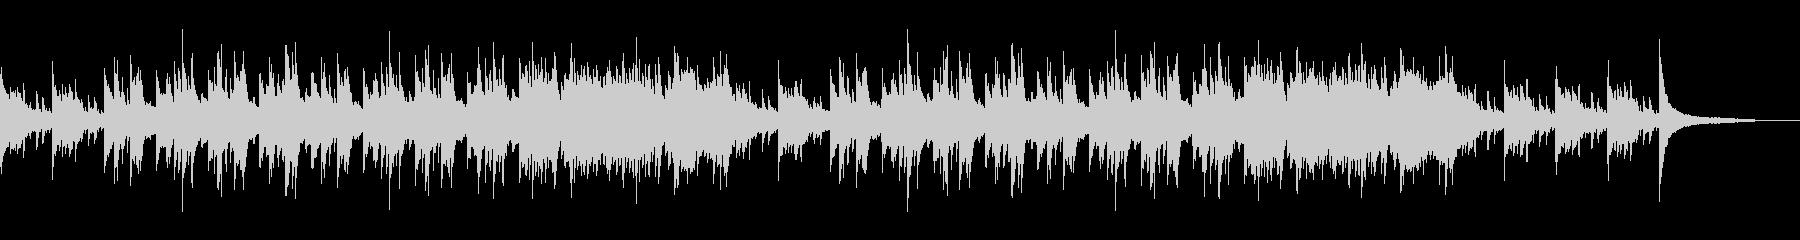 天気予報BGMに最適なピアノストリングスの未再生の波形